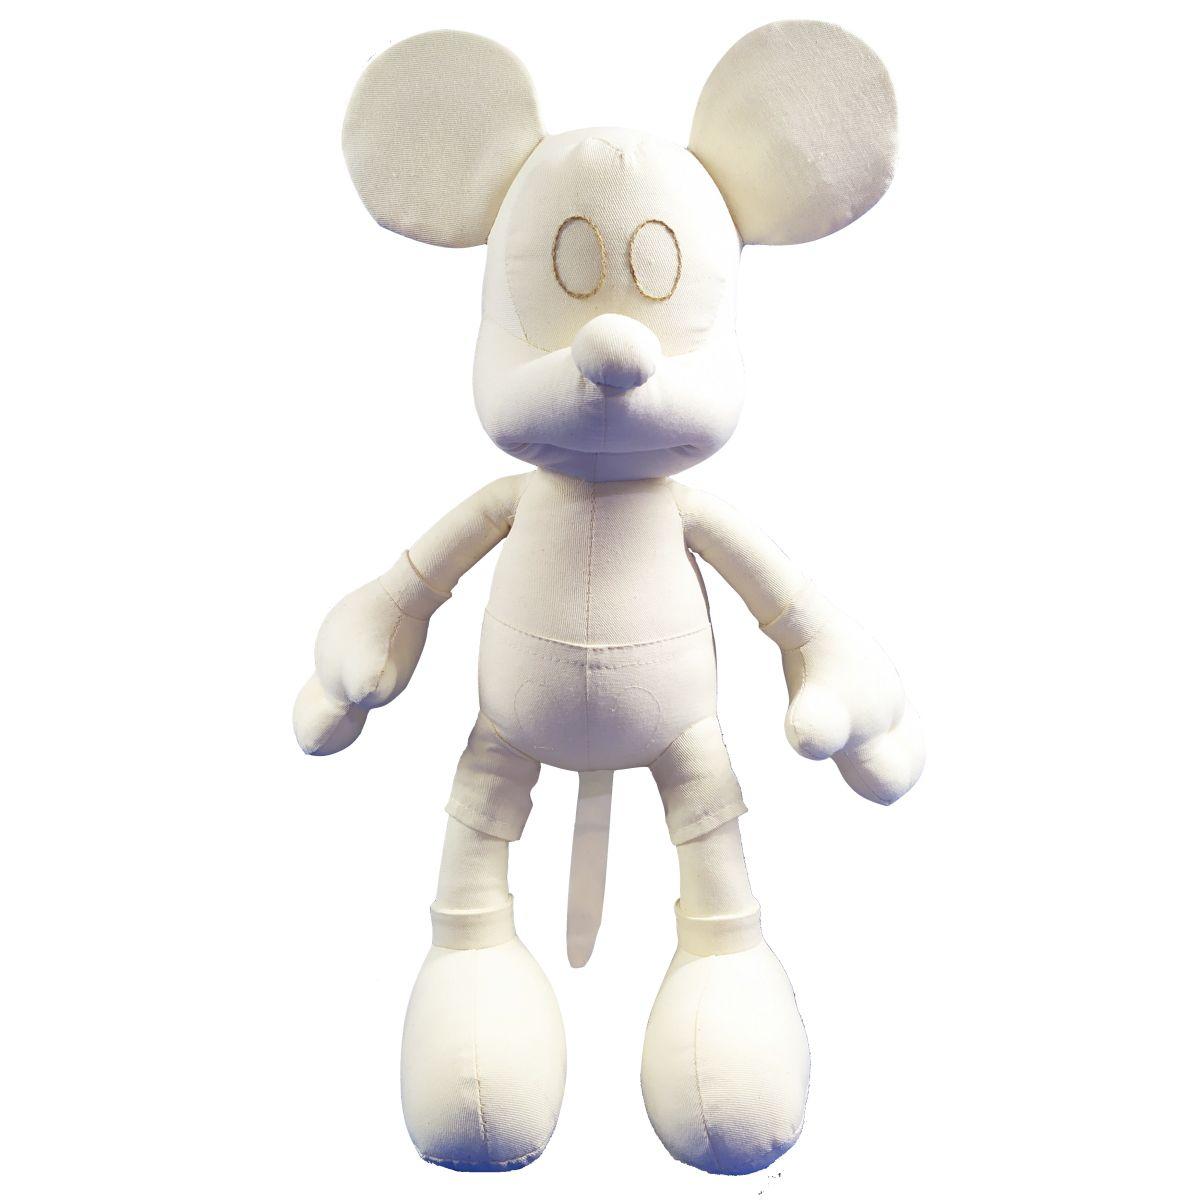 Boneco Mickey Mouse para Colorir de 48cm Nacional Licenciado Disney